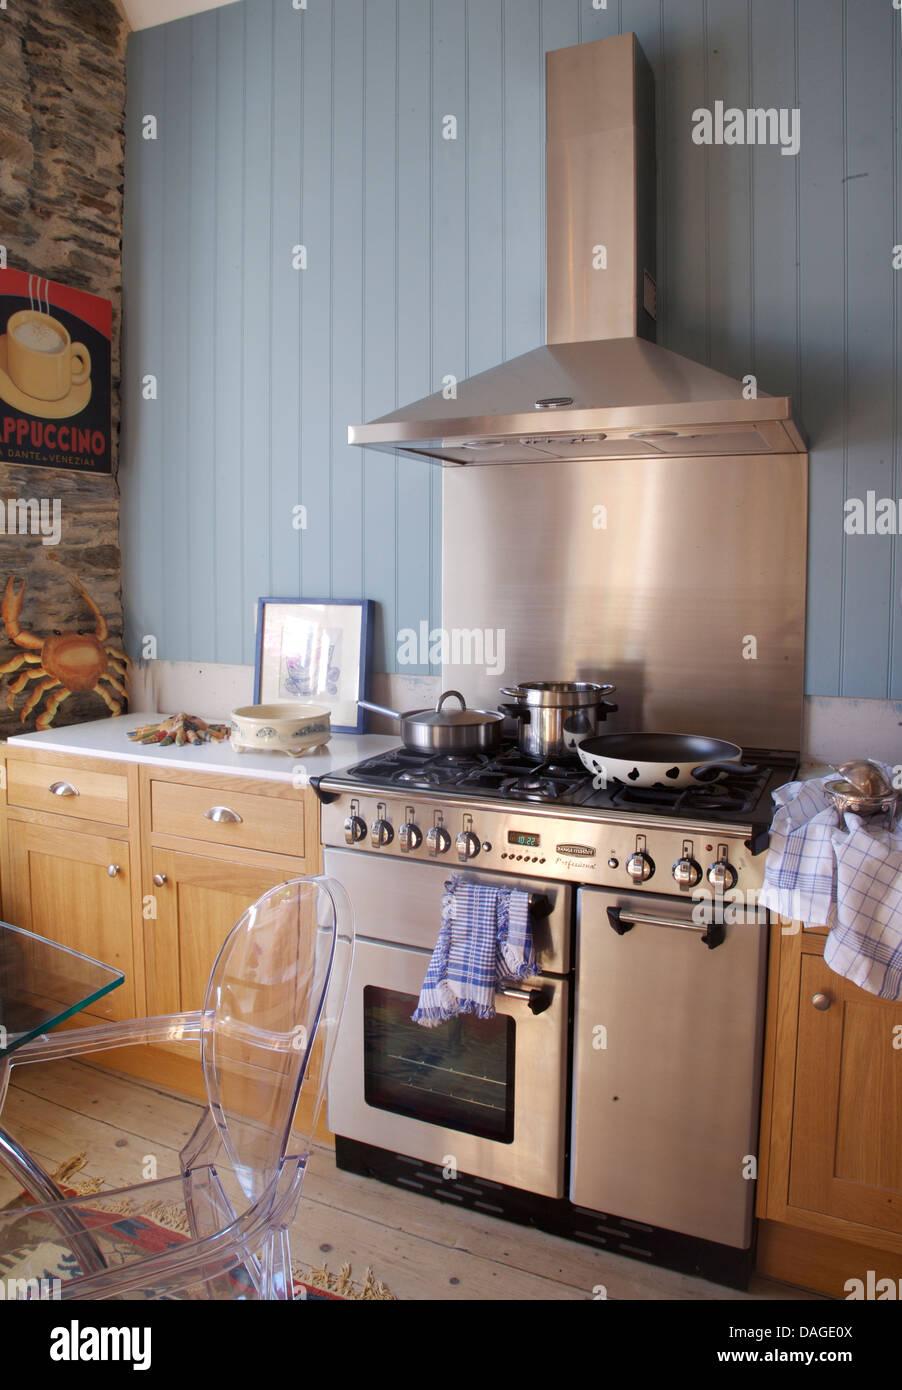 Stainless Steel Splash Back Cooker Hood Above Range Oven